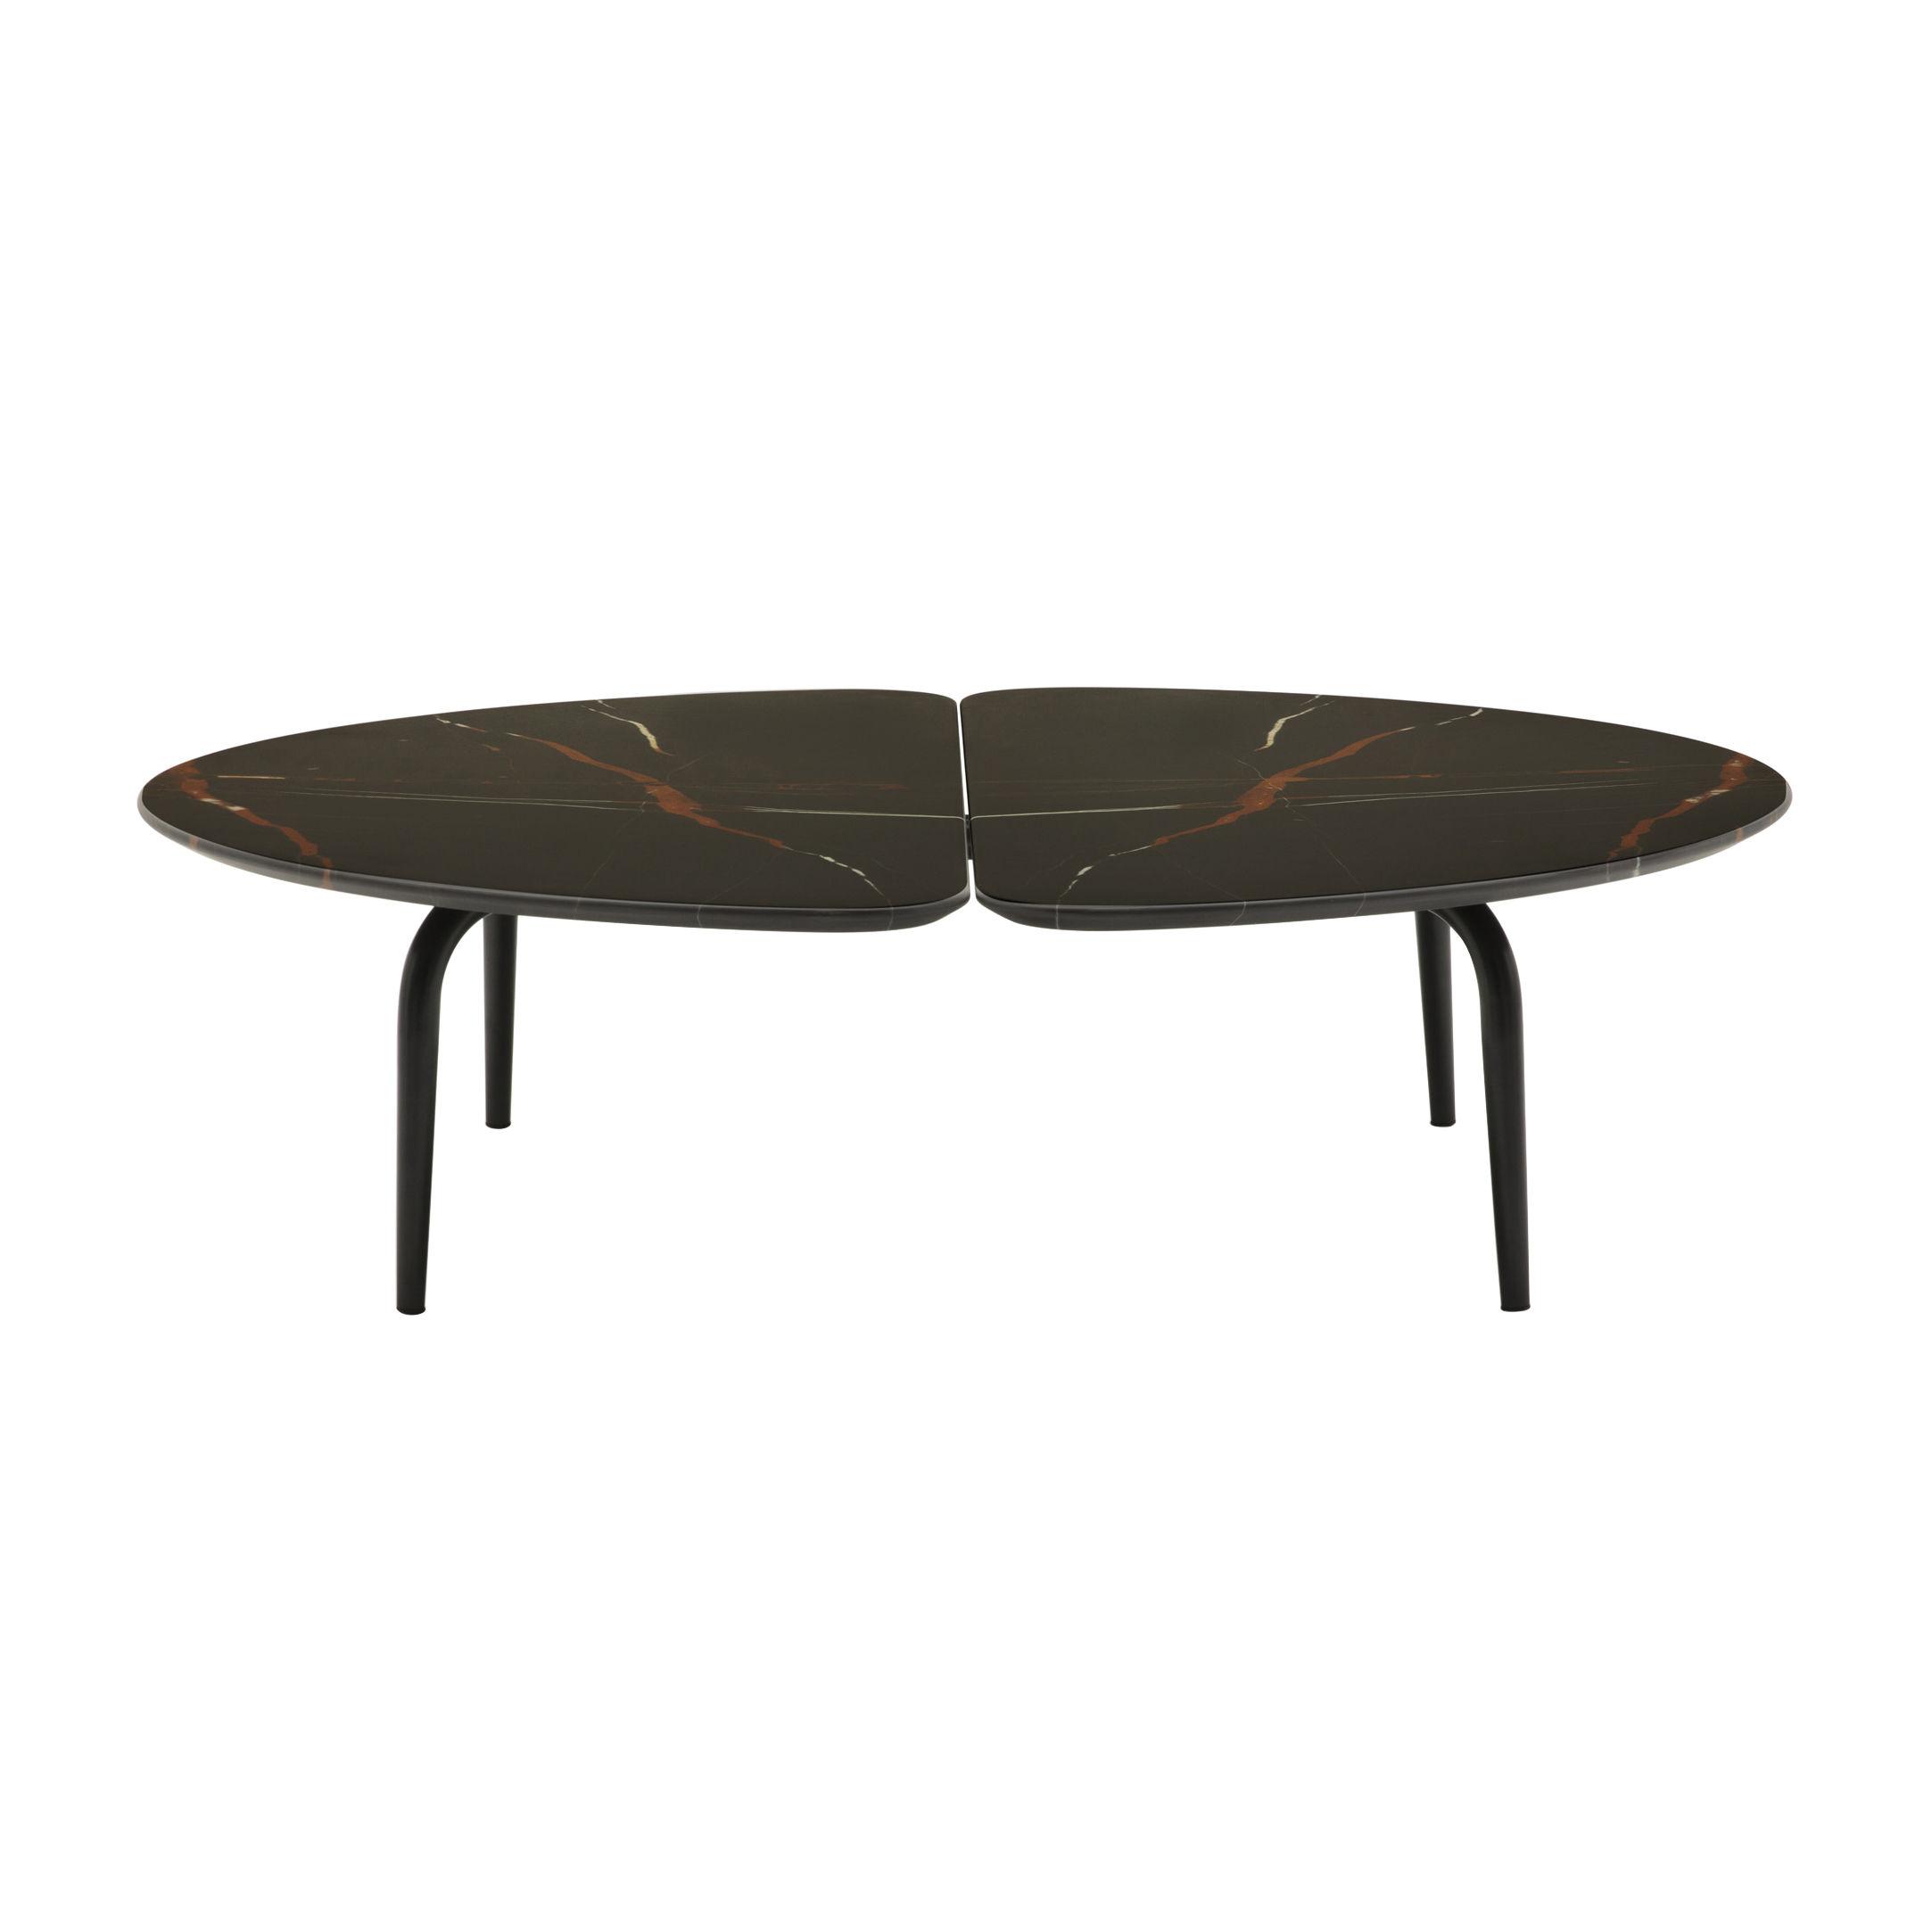 Arredamento - Tavolini  - Tavolino Graphium - / Marmo - 120 x 118 cm di Zanotta - Marmo nero - Acciaio verniciato, Marmo Sahara